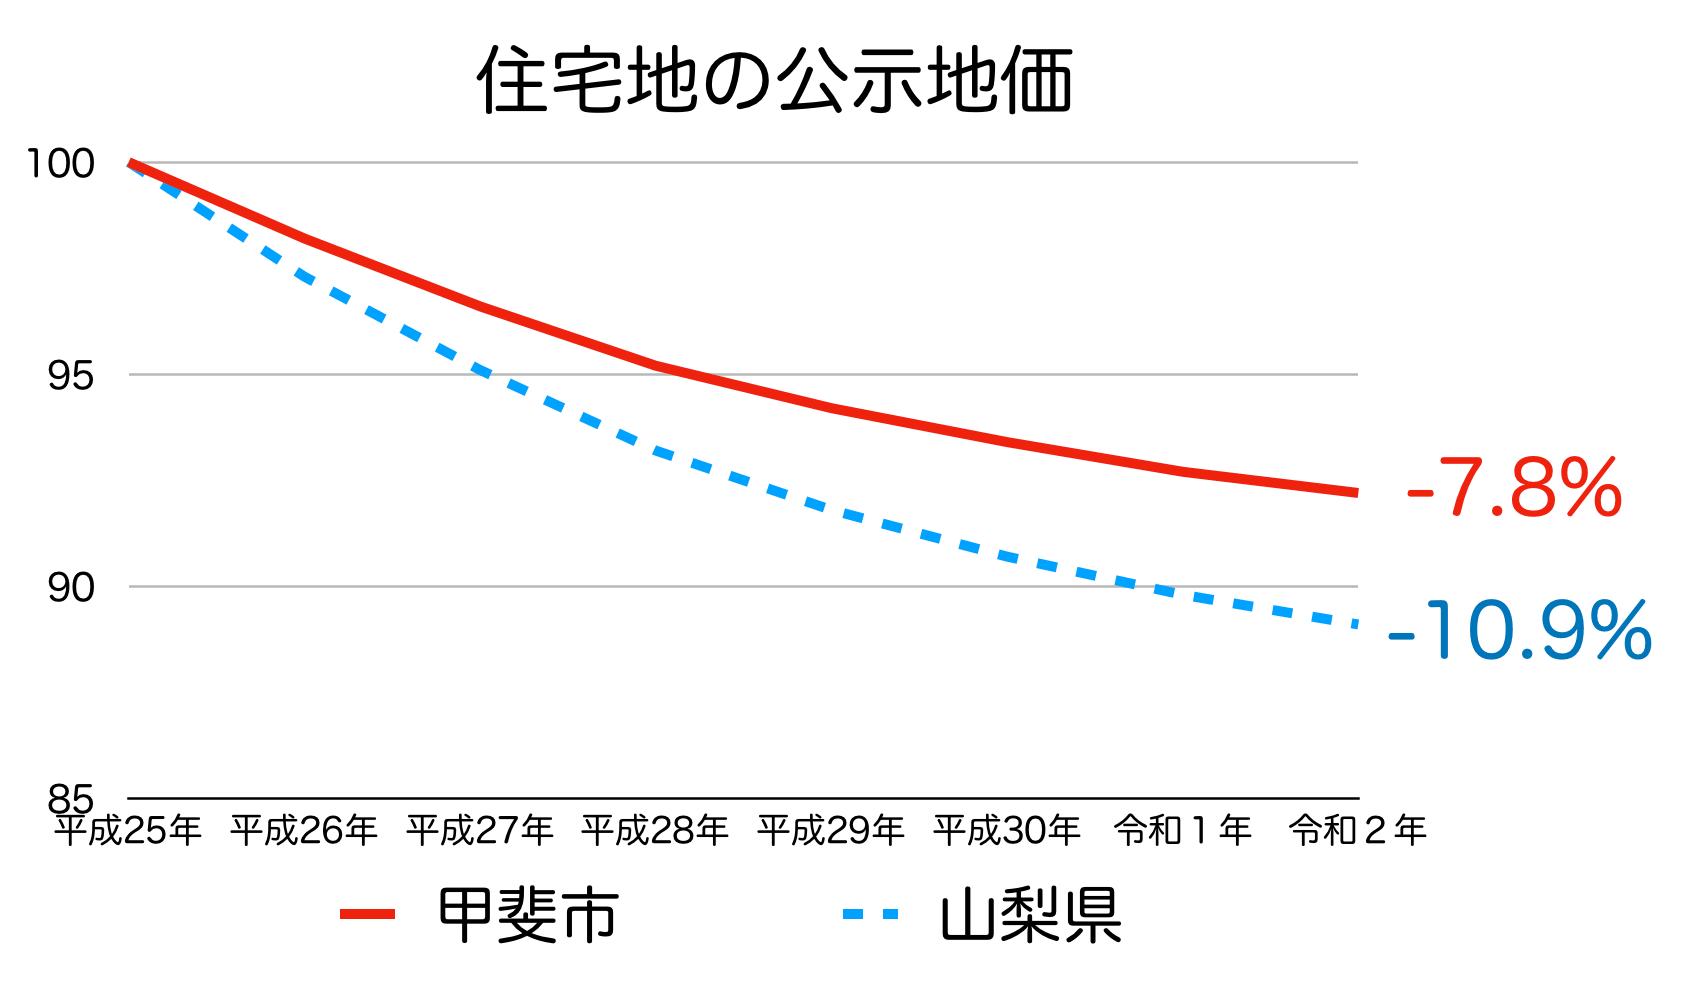 甲斐市の公示地価の推移